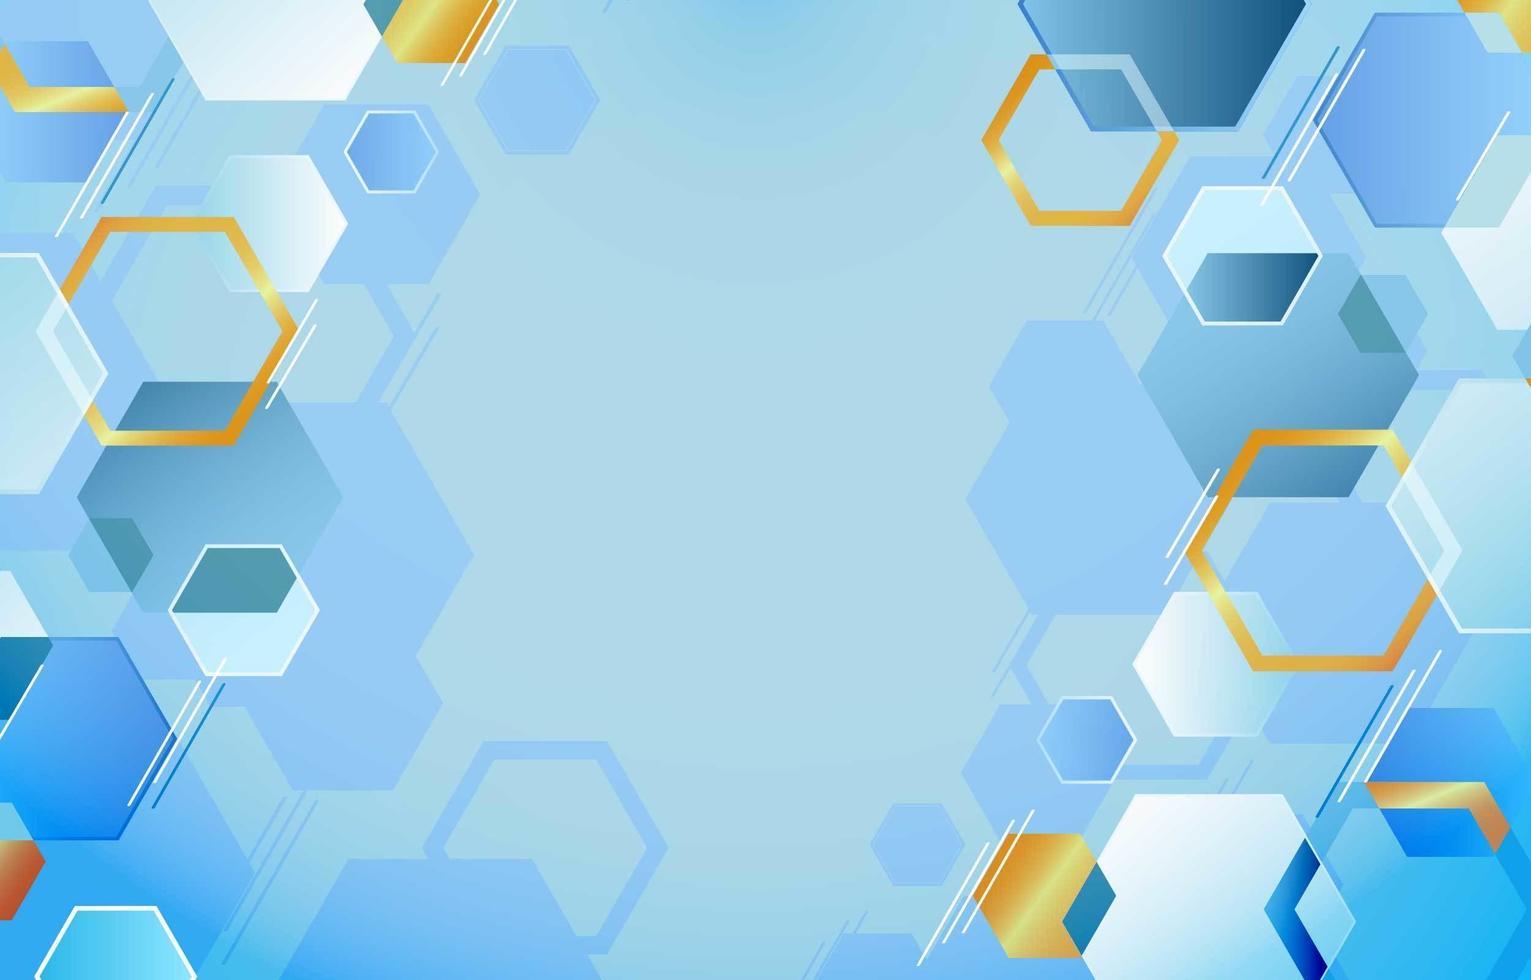 geometrischer polygonaler Hintergrund vektor